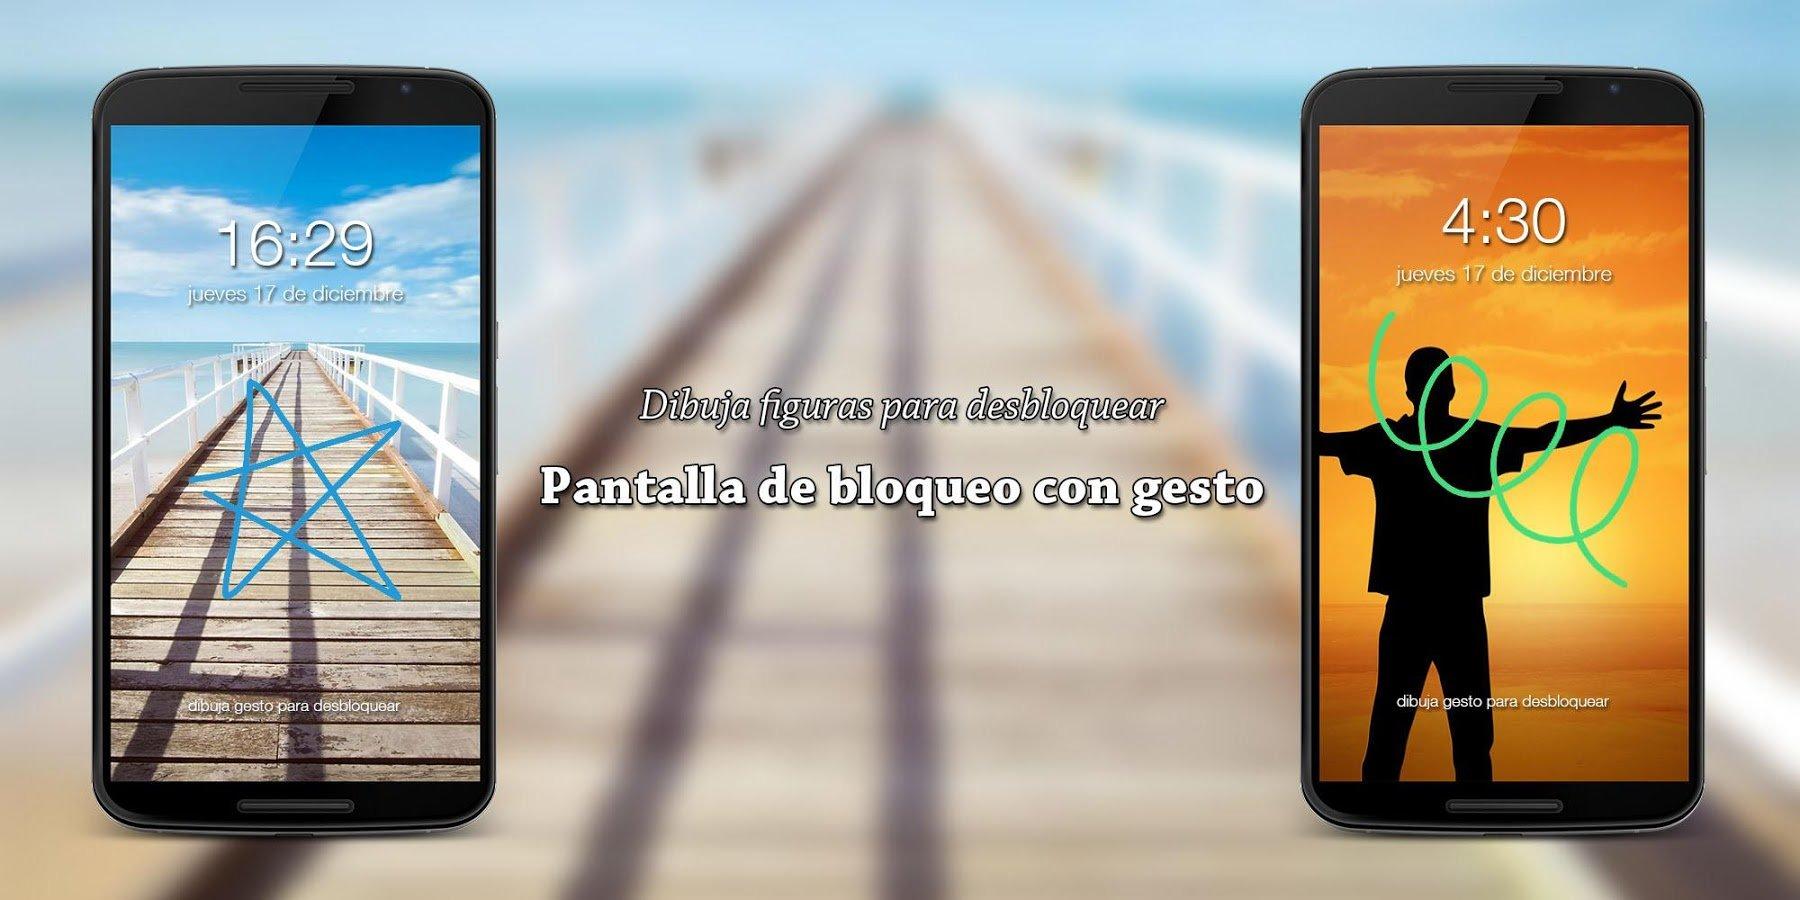 INCLEIBLE APLICACION PARA DESBLOQUEAR EL TELEFONO CON TU FIRMA PERSONAL - Image